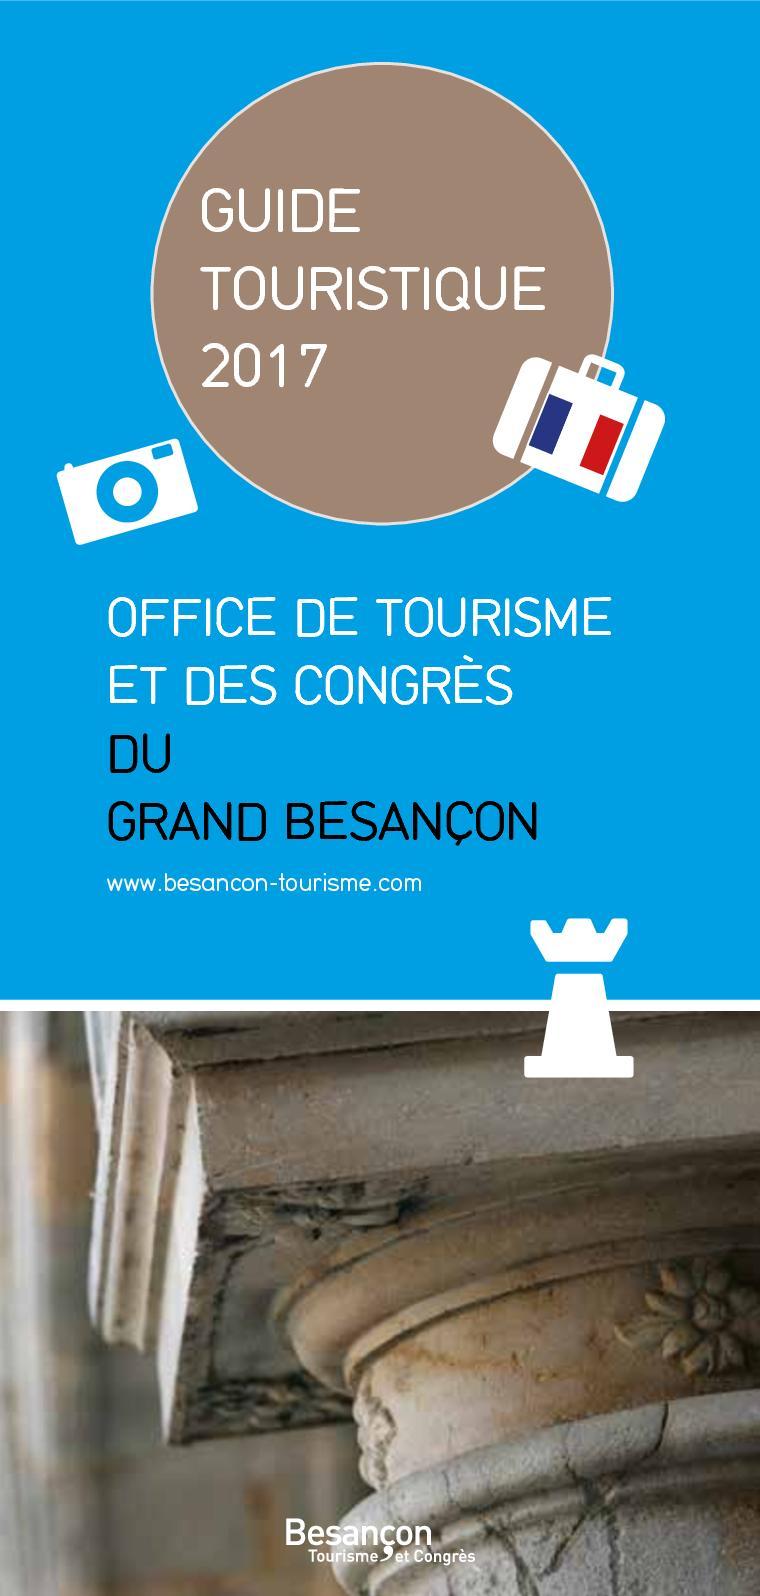 meilleurs sites de rencontre gay literature à Besançon